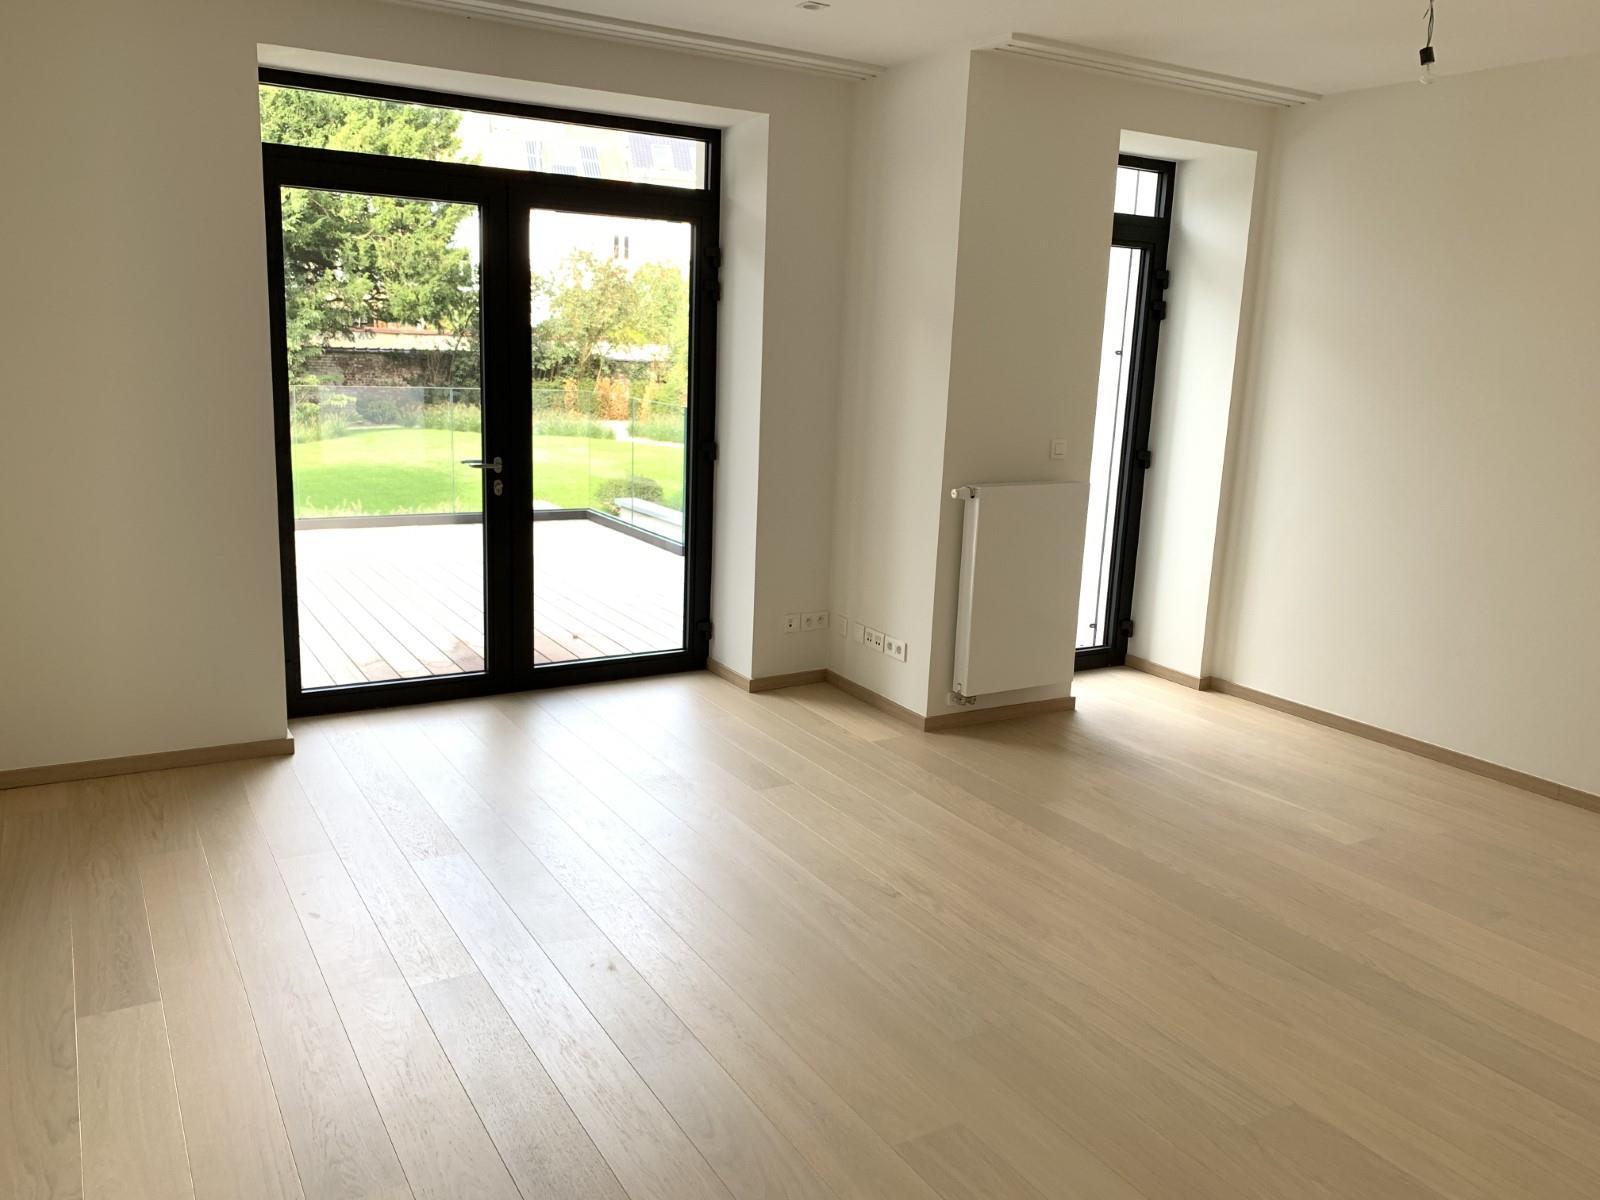 Appartement exceptionnel - Ixelles - #3929627-1